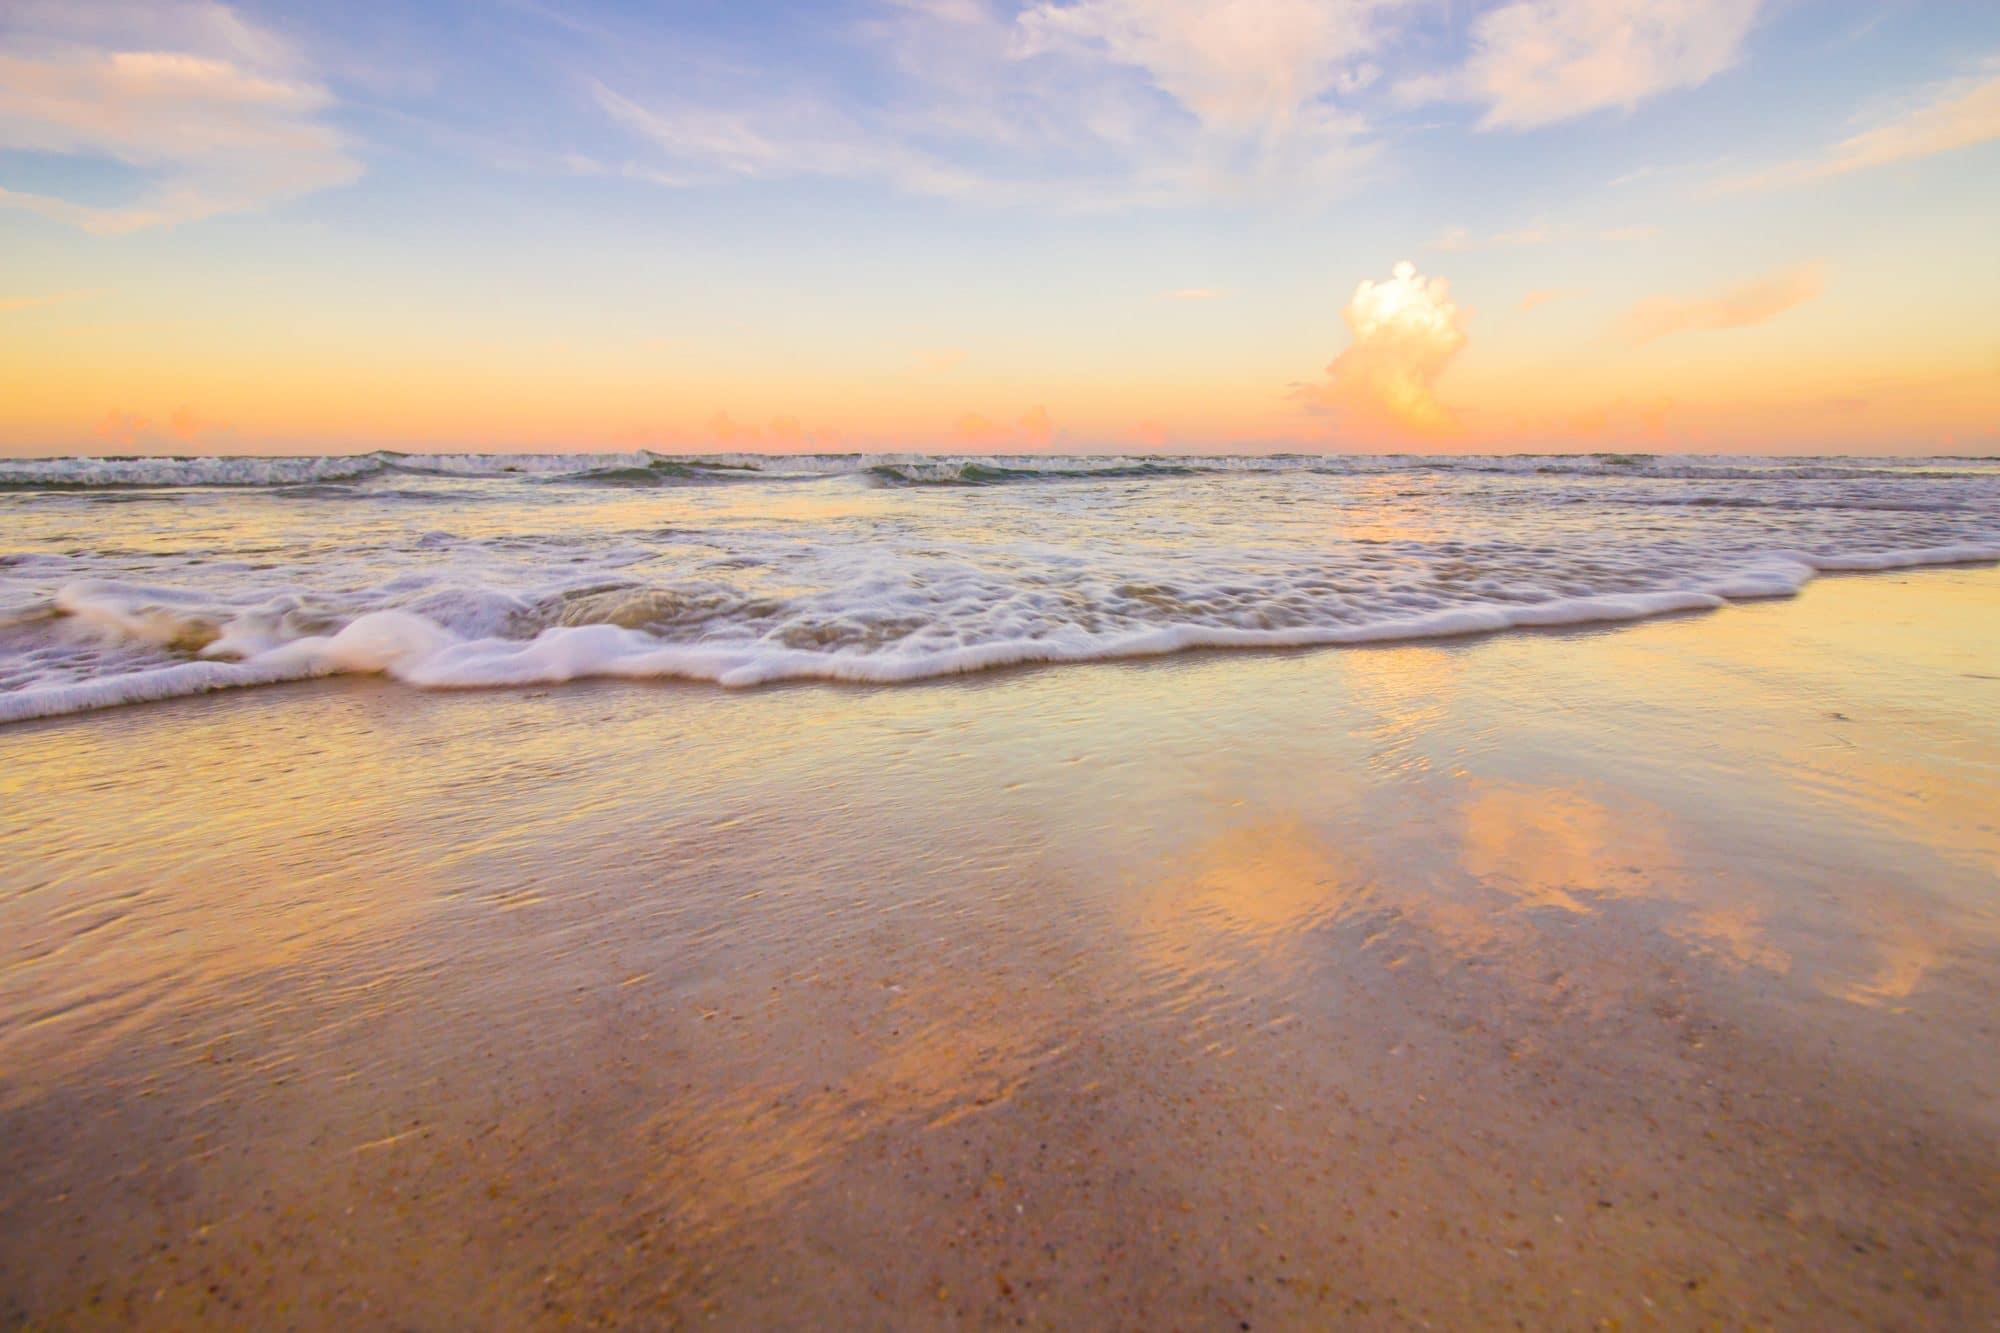 Beach photography in Daytona beach at sunset